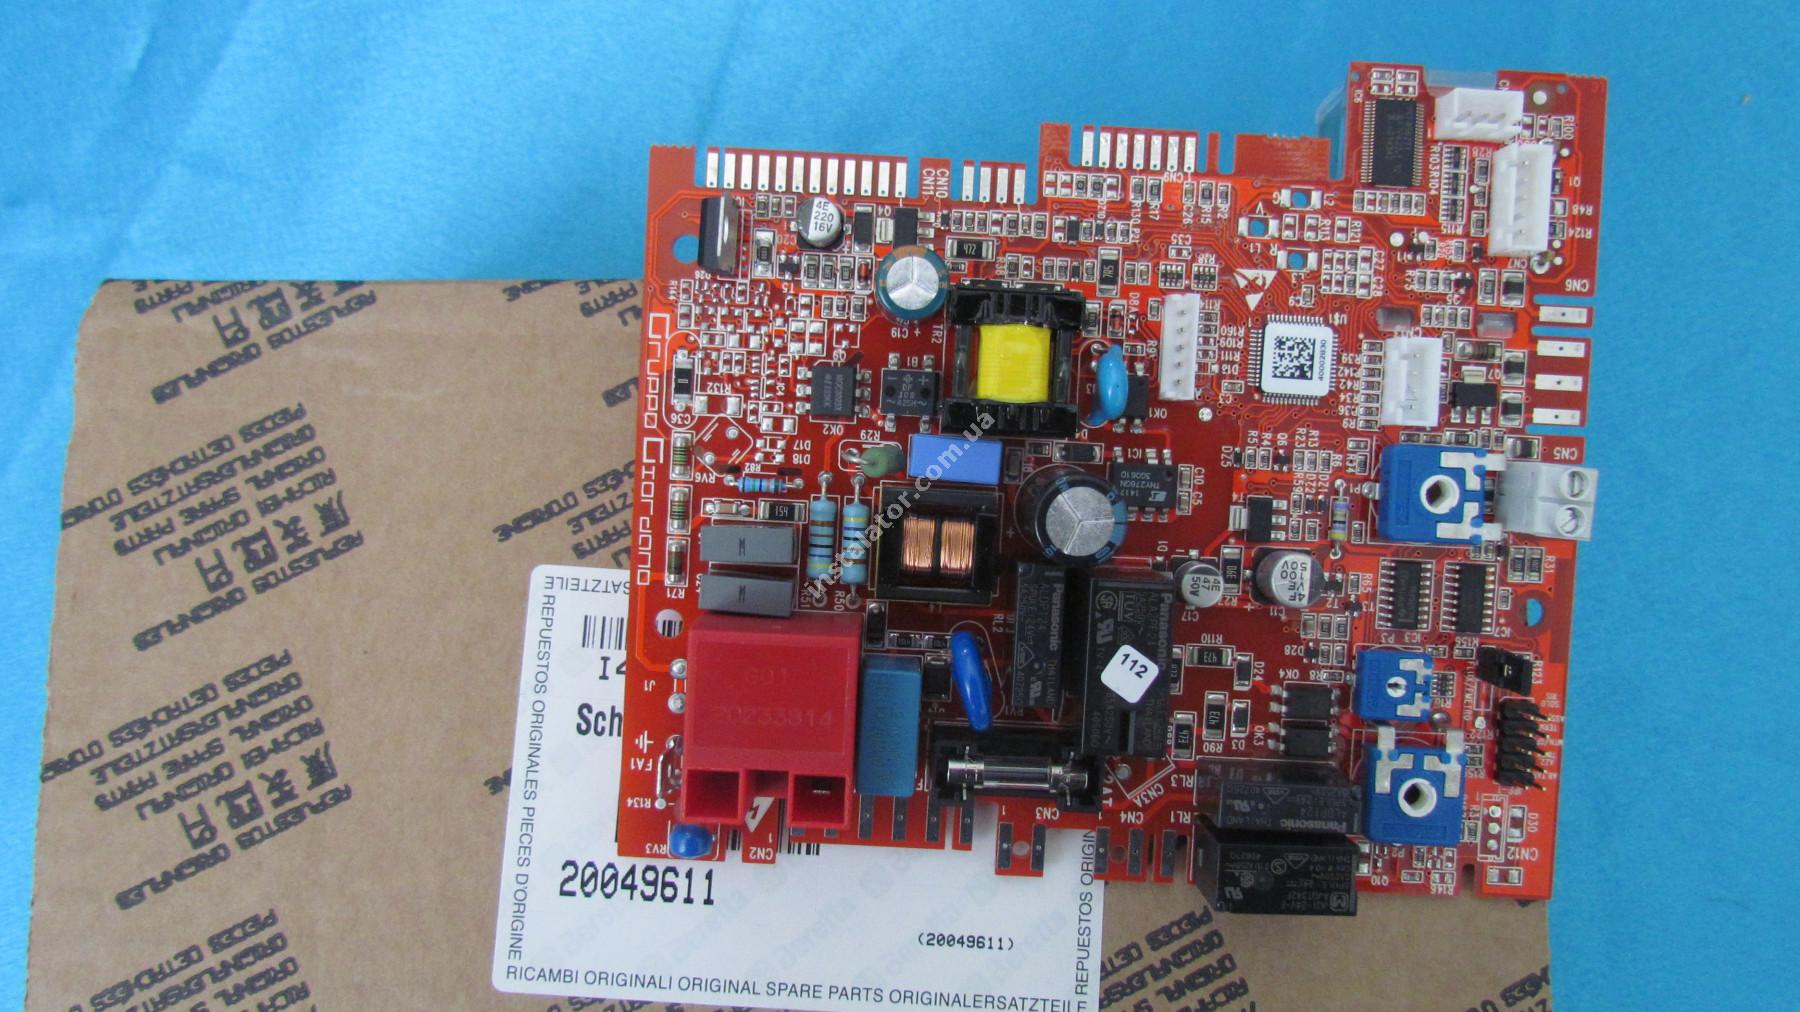 20049611 Плата  керування BERETTA City 24 CSI D( з дисплеєм ) MP05 full-image-1